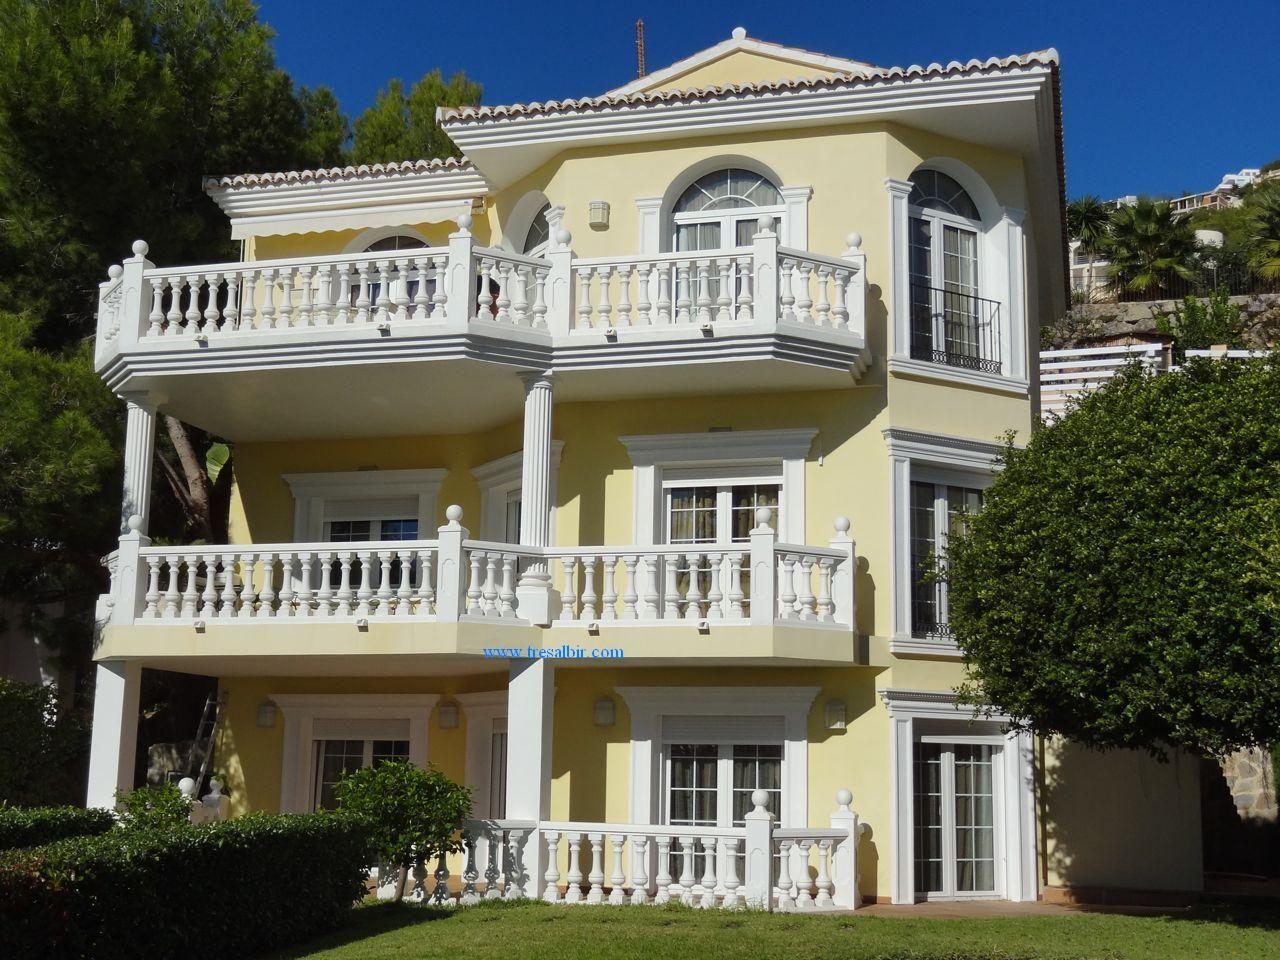 Casa / Chalet en Altea, Urb. Altea Hills, venta